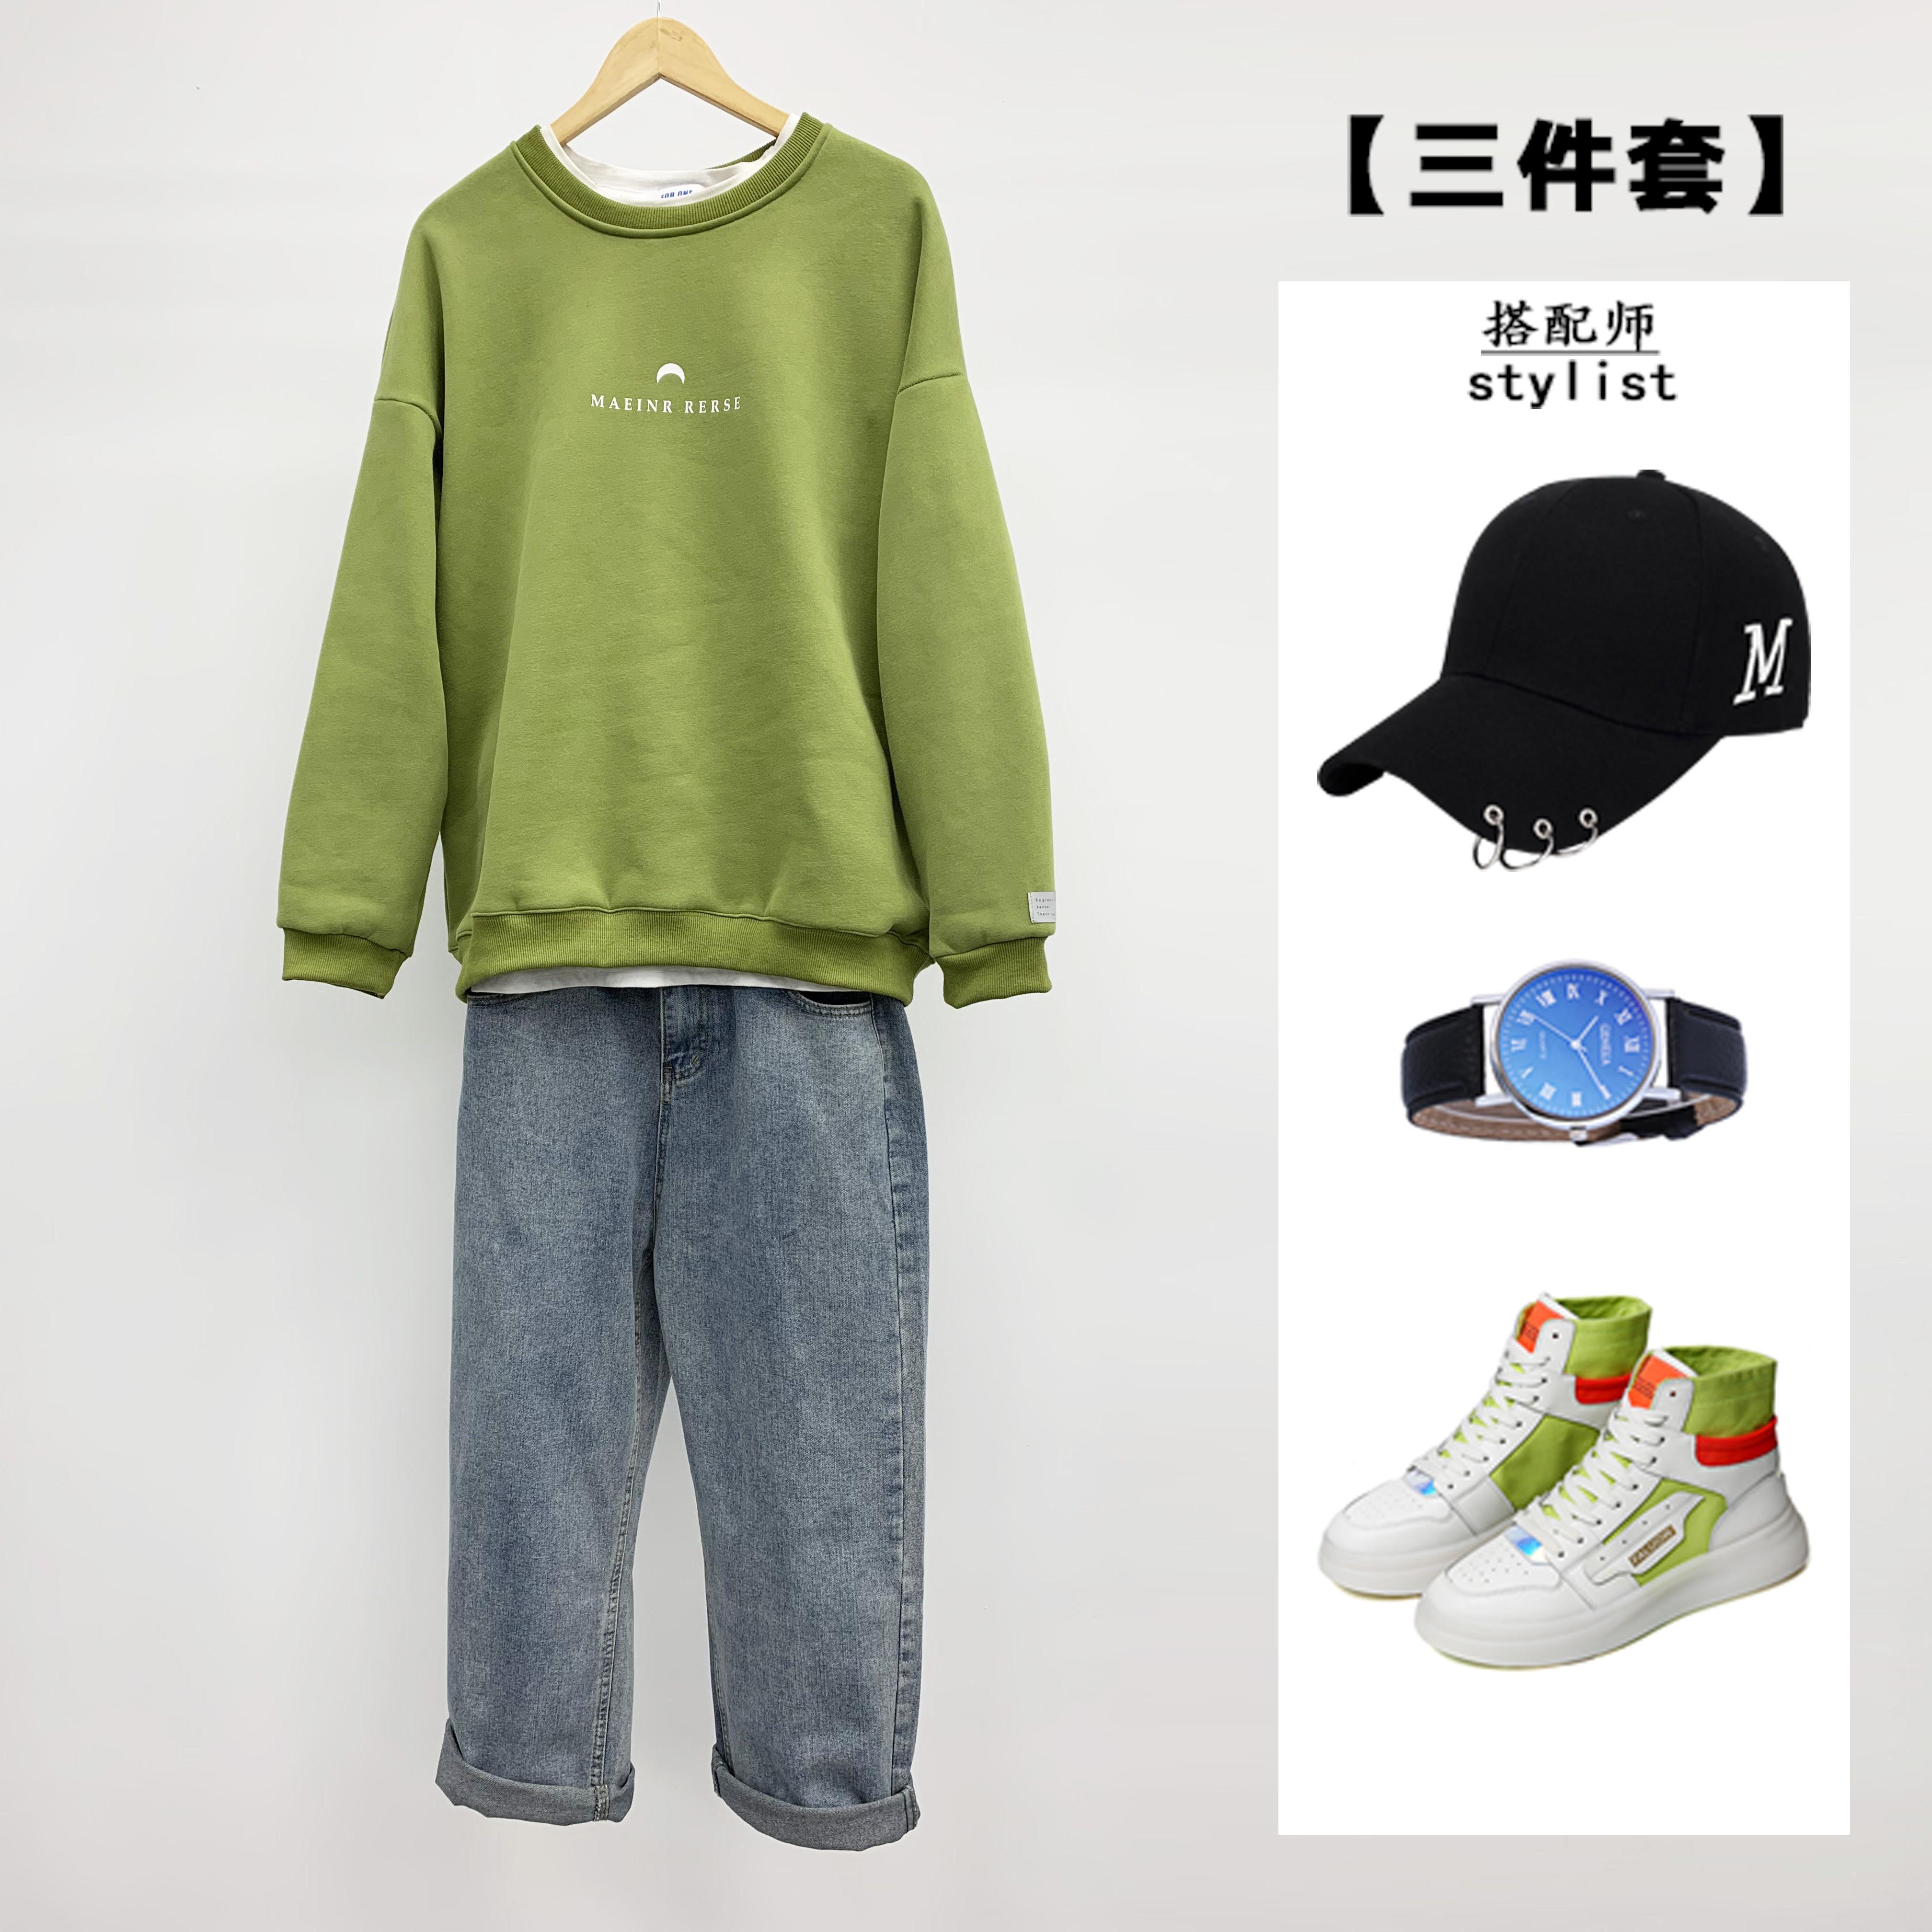 热销365件五折促销【三件套】男士长袖卫衣+t恤牛仔裤